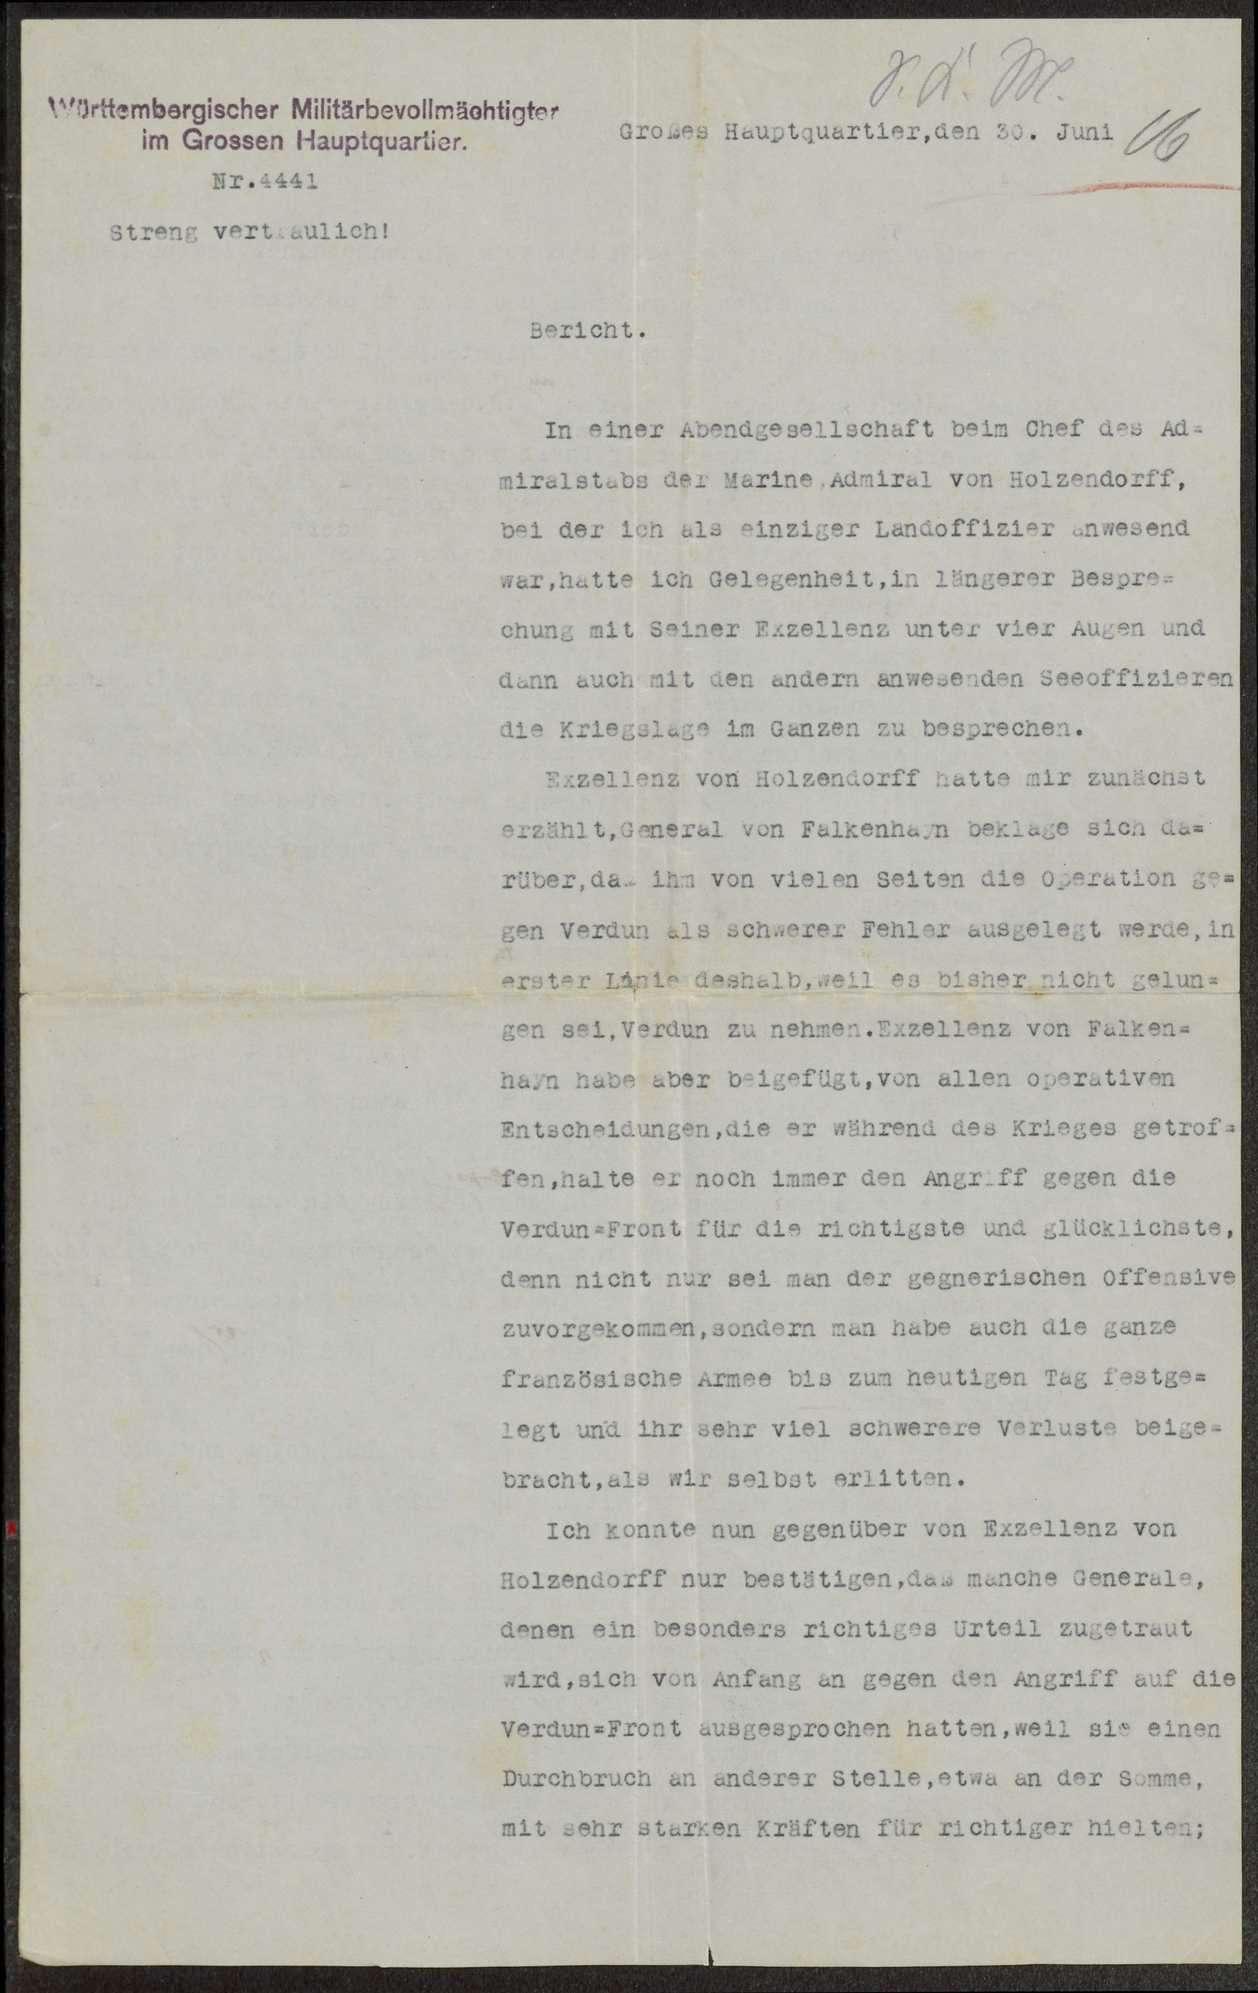 Berichte des württembergischen Militärbevollmächtigten beim Großen Hauptquartier, v. Graevenitz, an Weizsäcker über die militärische Lage u.a., Bild 2